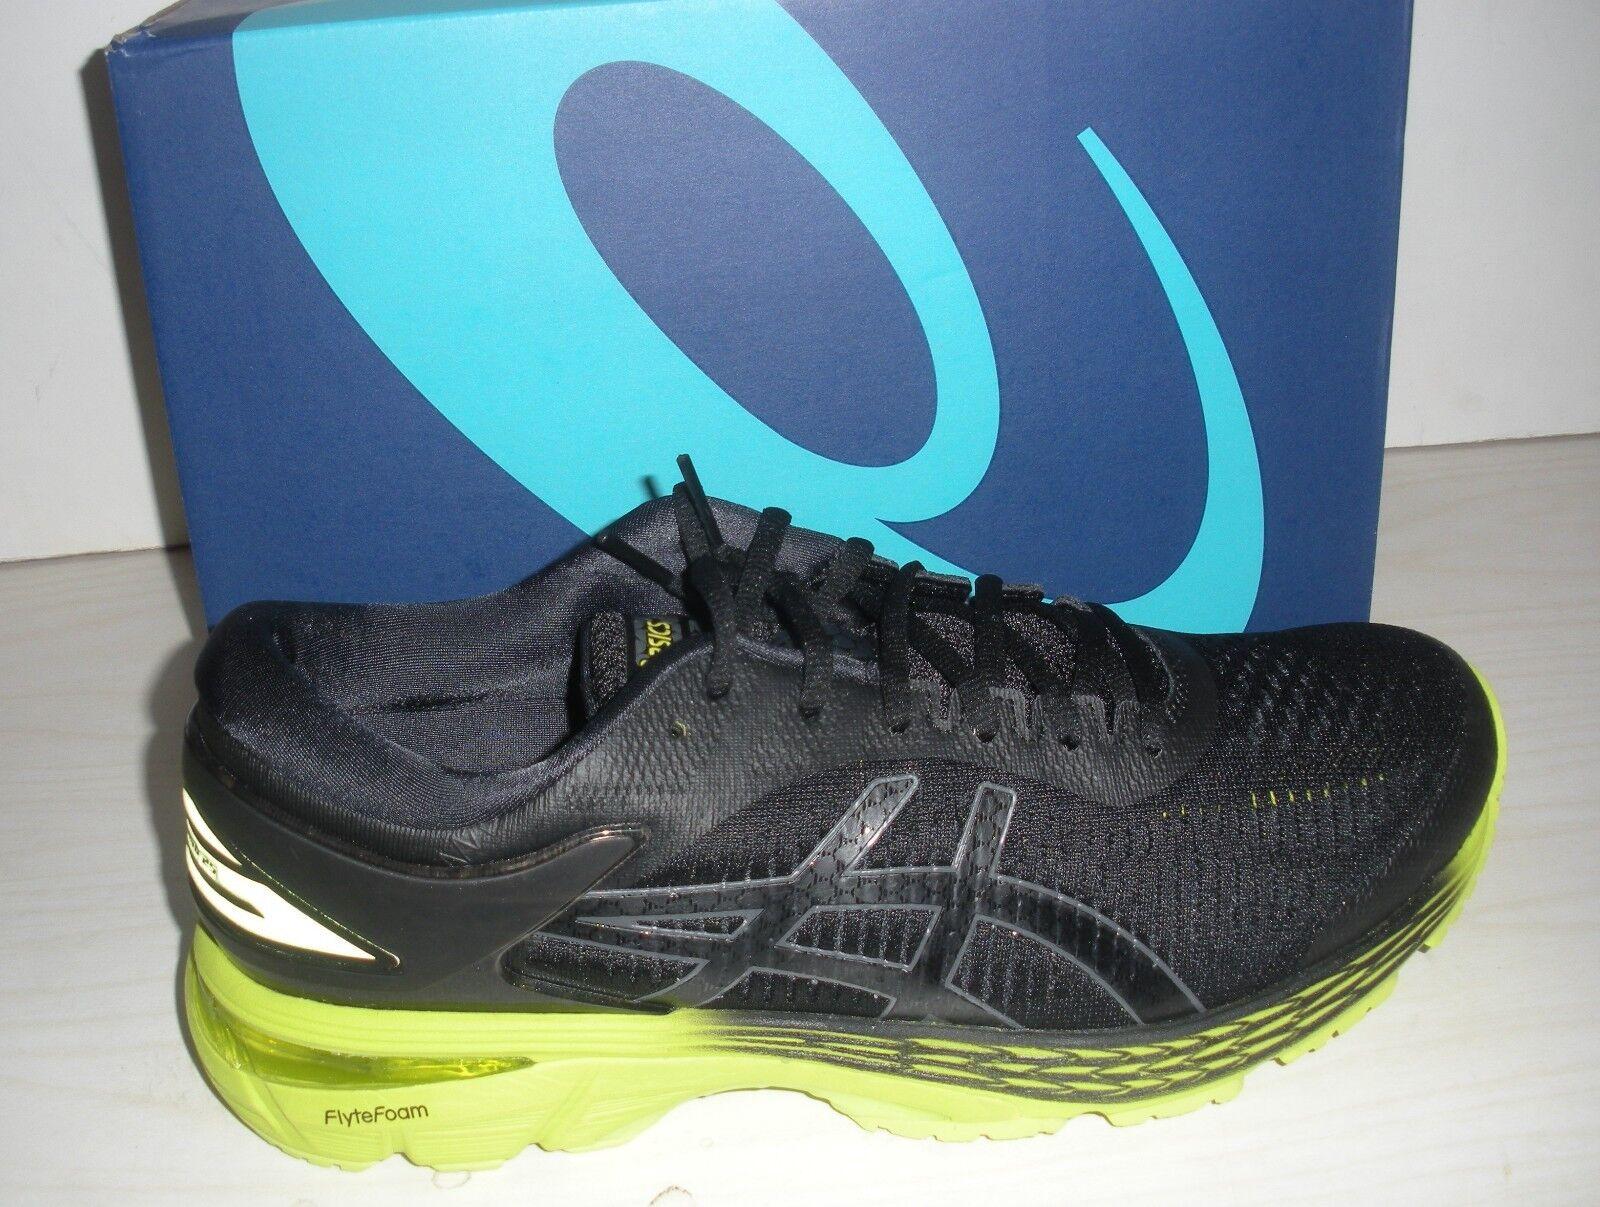 ASICS MENS GEL -KAYANO 25 RUNNING  scarpe da ginnastica -scarpe -1011A019 -001 - nero   NEON LIME  il più recente